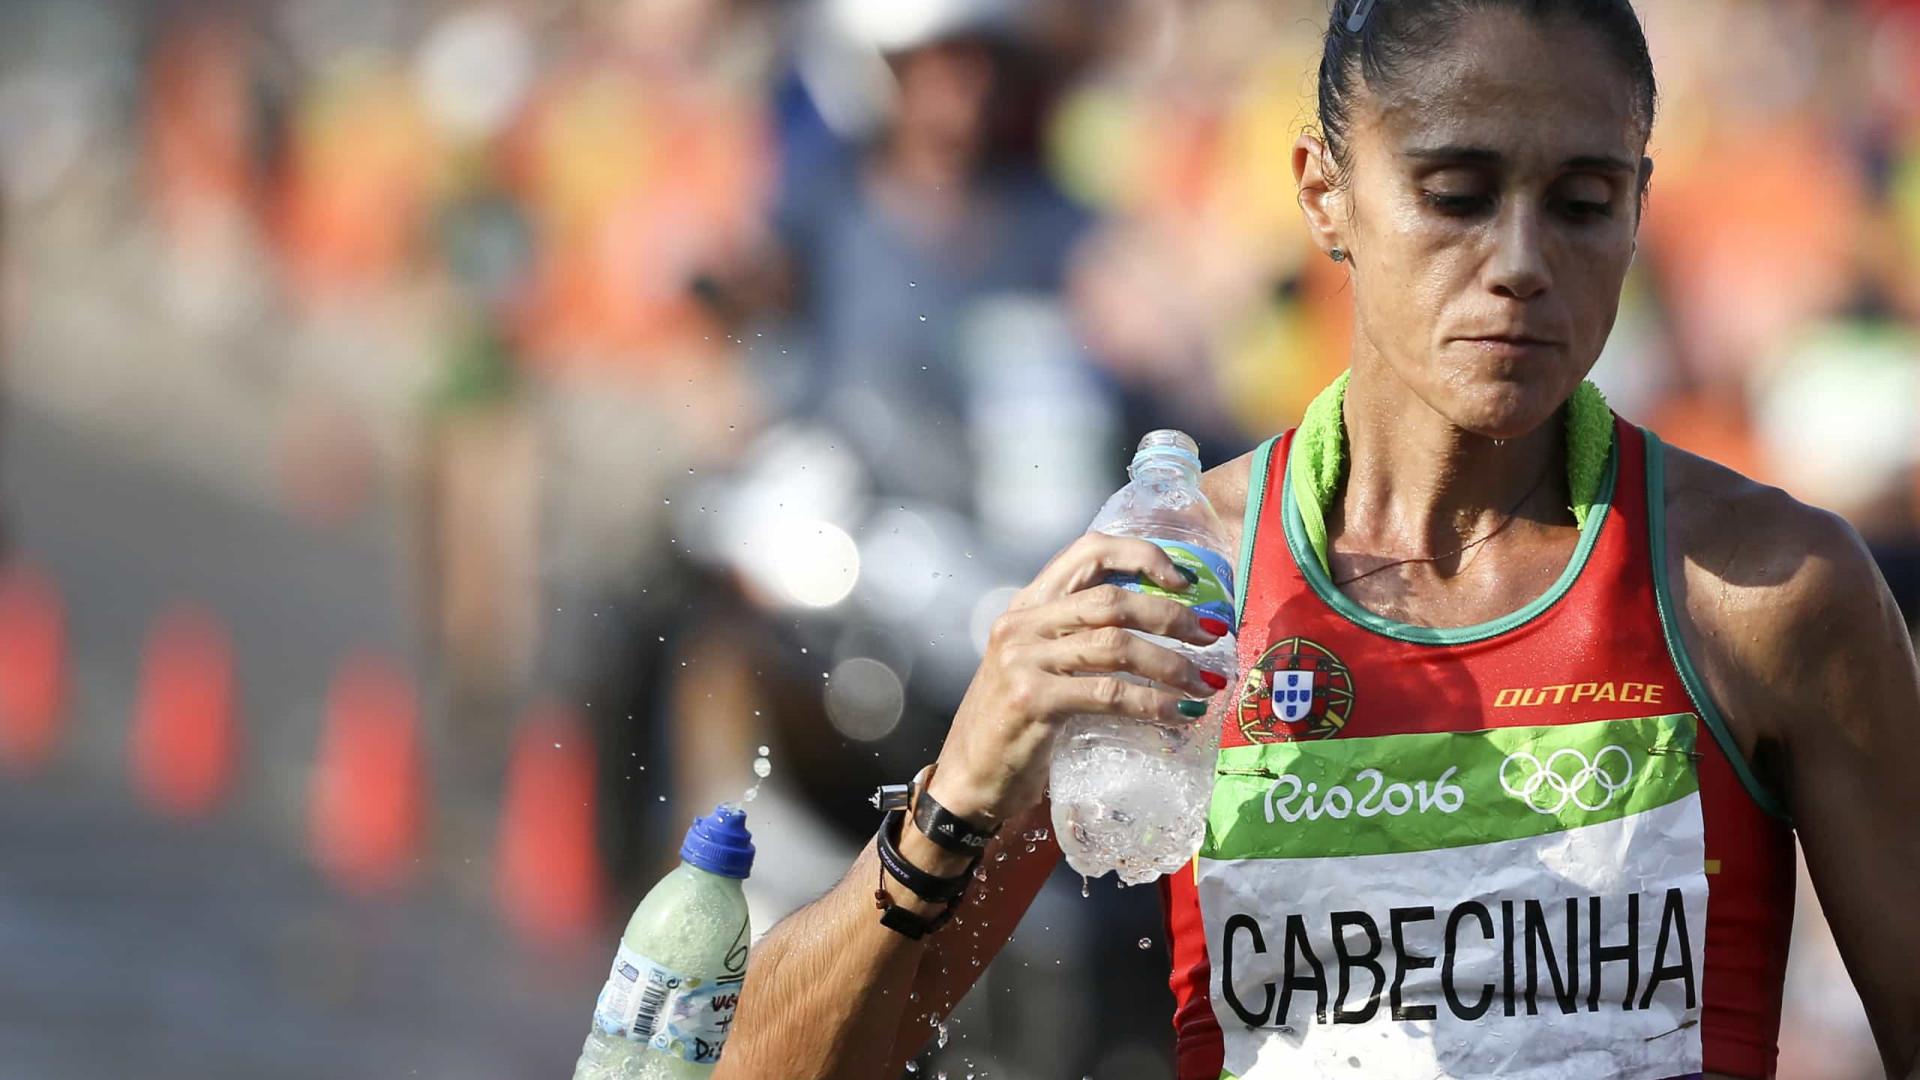 Ana Cabecinha é segunda em Grande Prémio de Marcha em Espanha